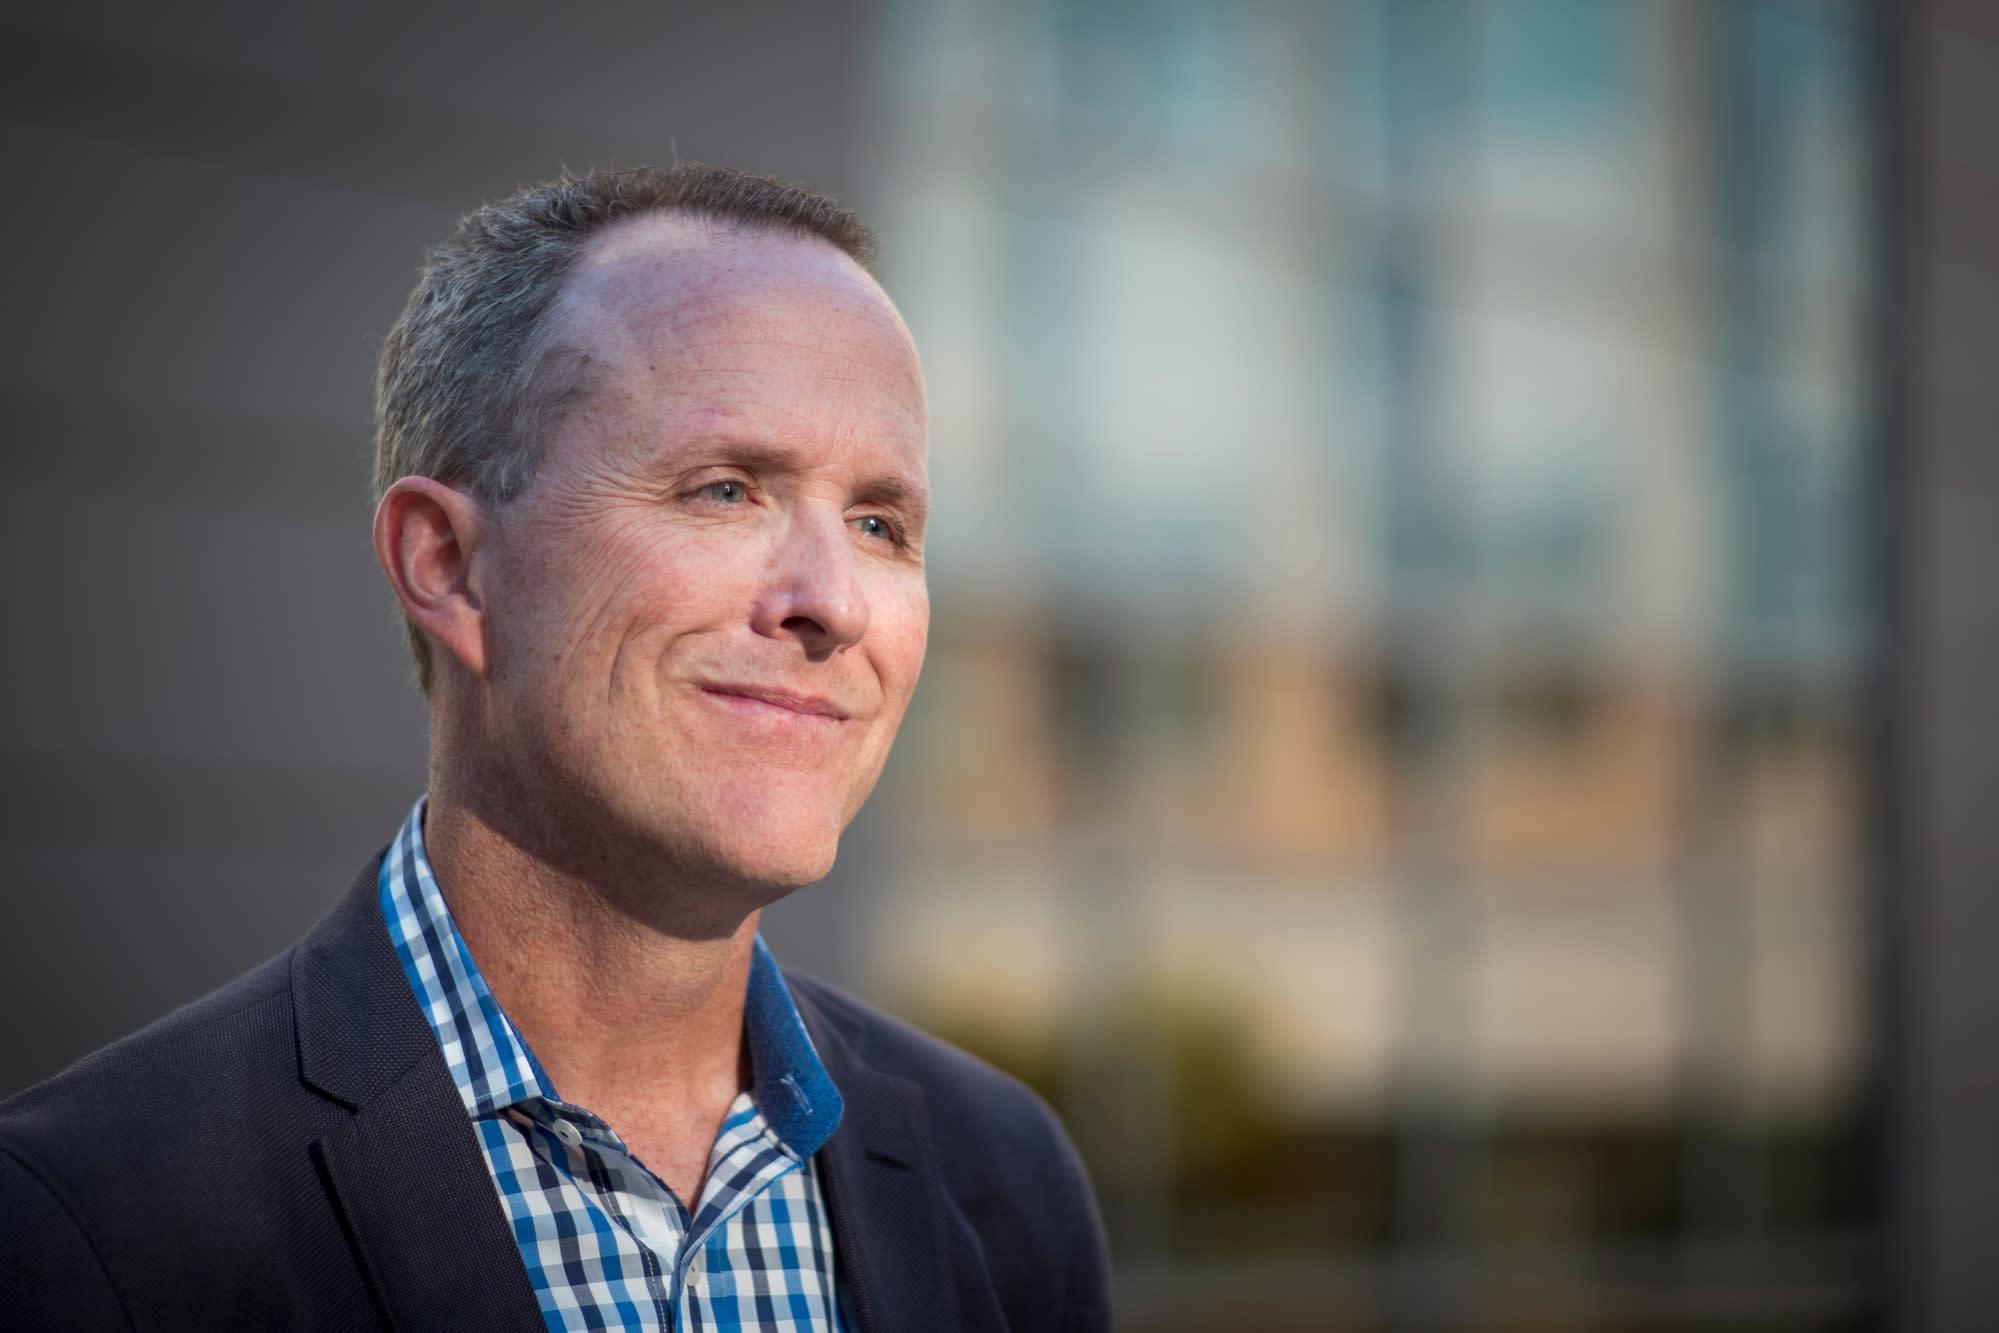 Morgan Stanley's Teflon Banker Chases Next Deal After Uber Flops